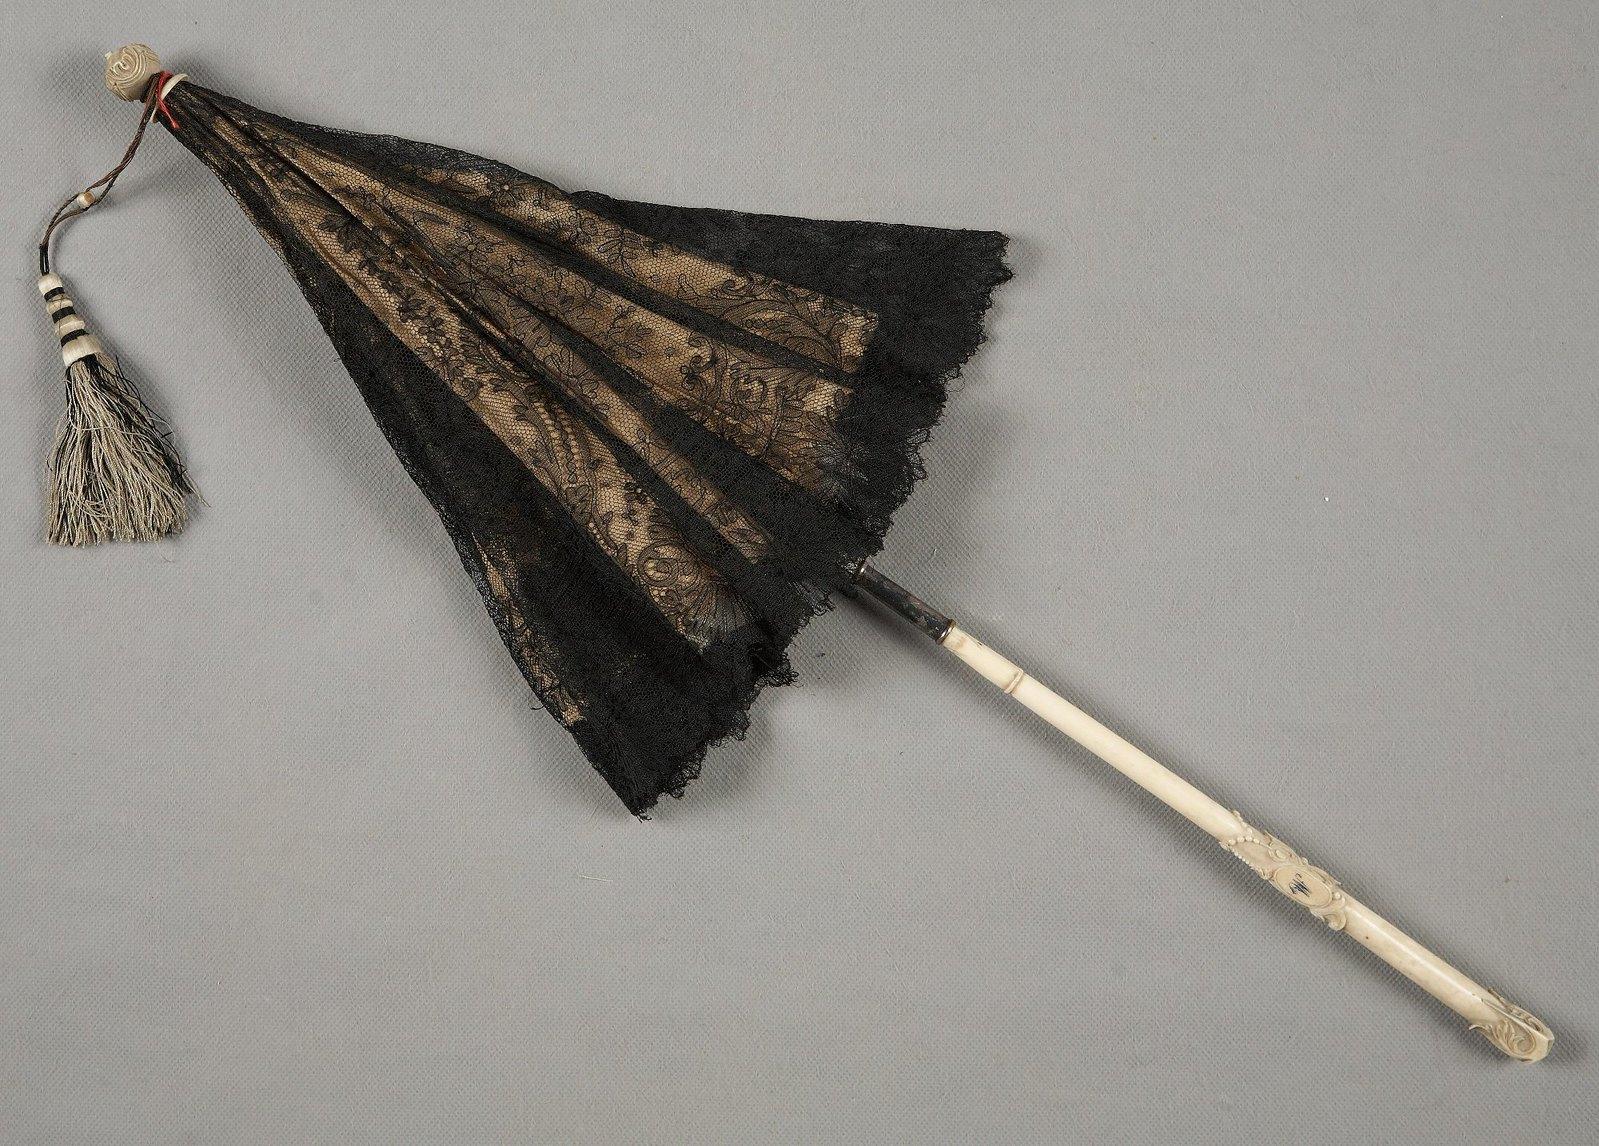 Зонтик-парасоль кружевной с костяной ручкой и монограммой. Середина XIX в.